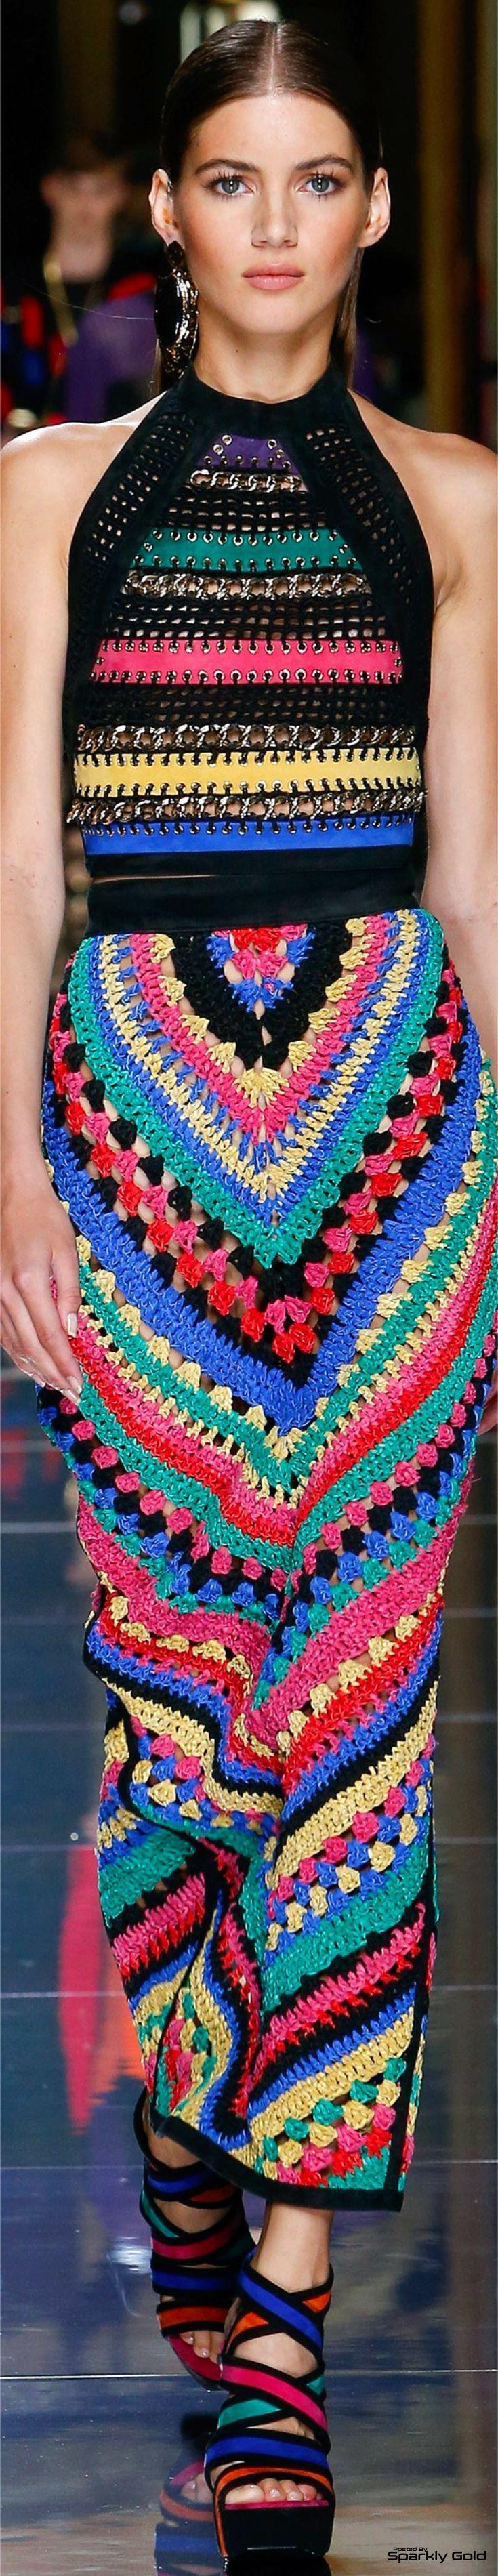 Multicolour dress. Balmain Spring 2017 Menswear.                                                                                                                                                                                 More